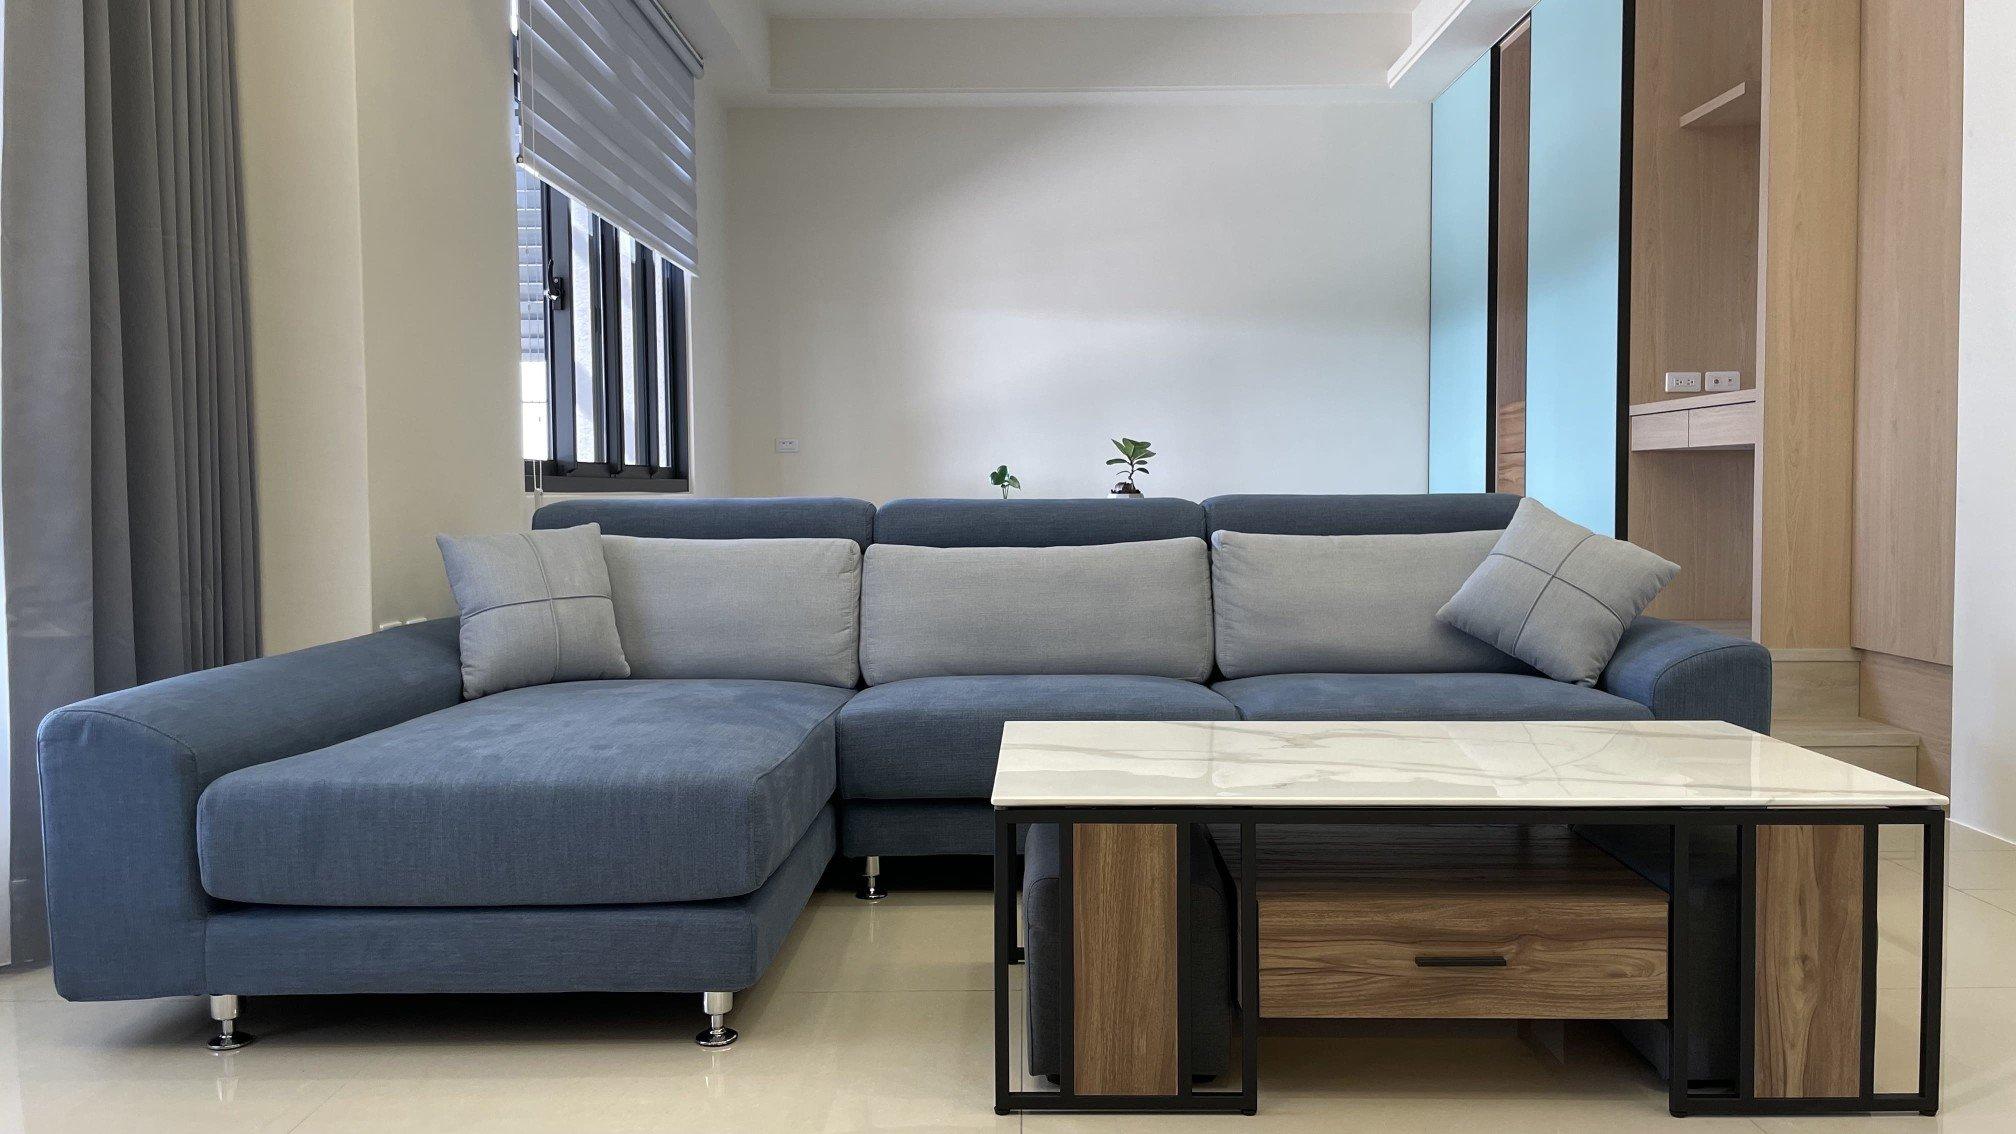 伊芙琳沙發流線外型搭配日式簡約裝潢,呈現典雅輕鬆氛圍